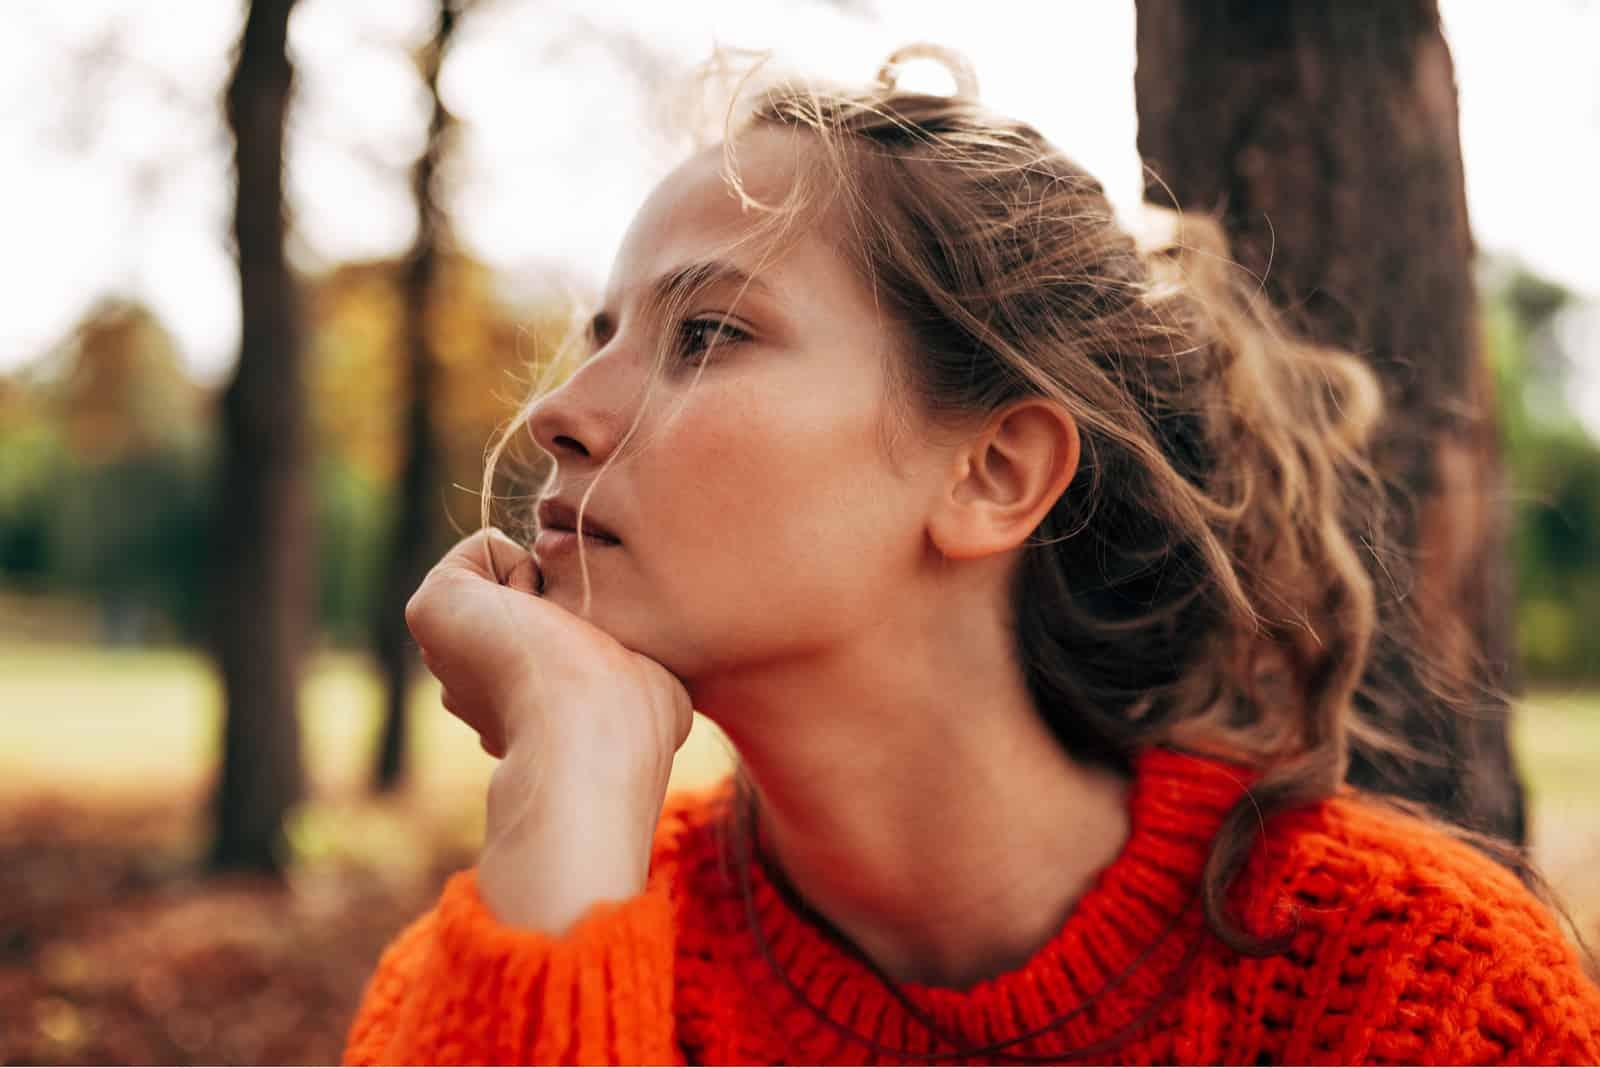 ung kvinde i skoven alene